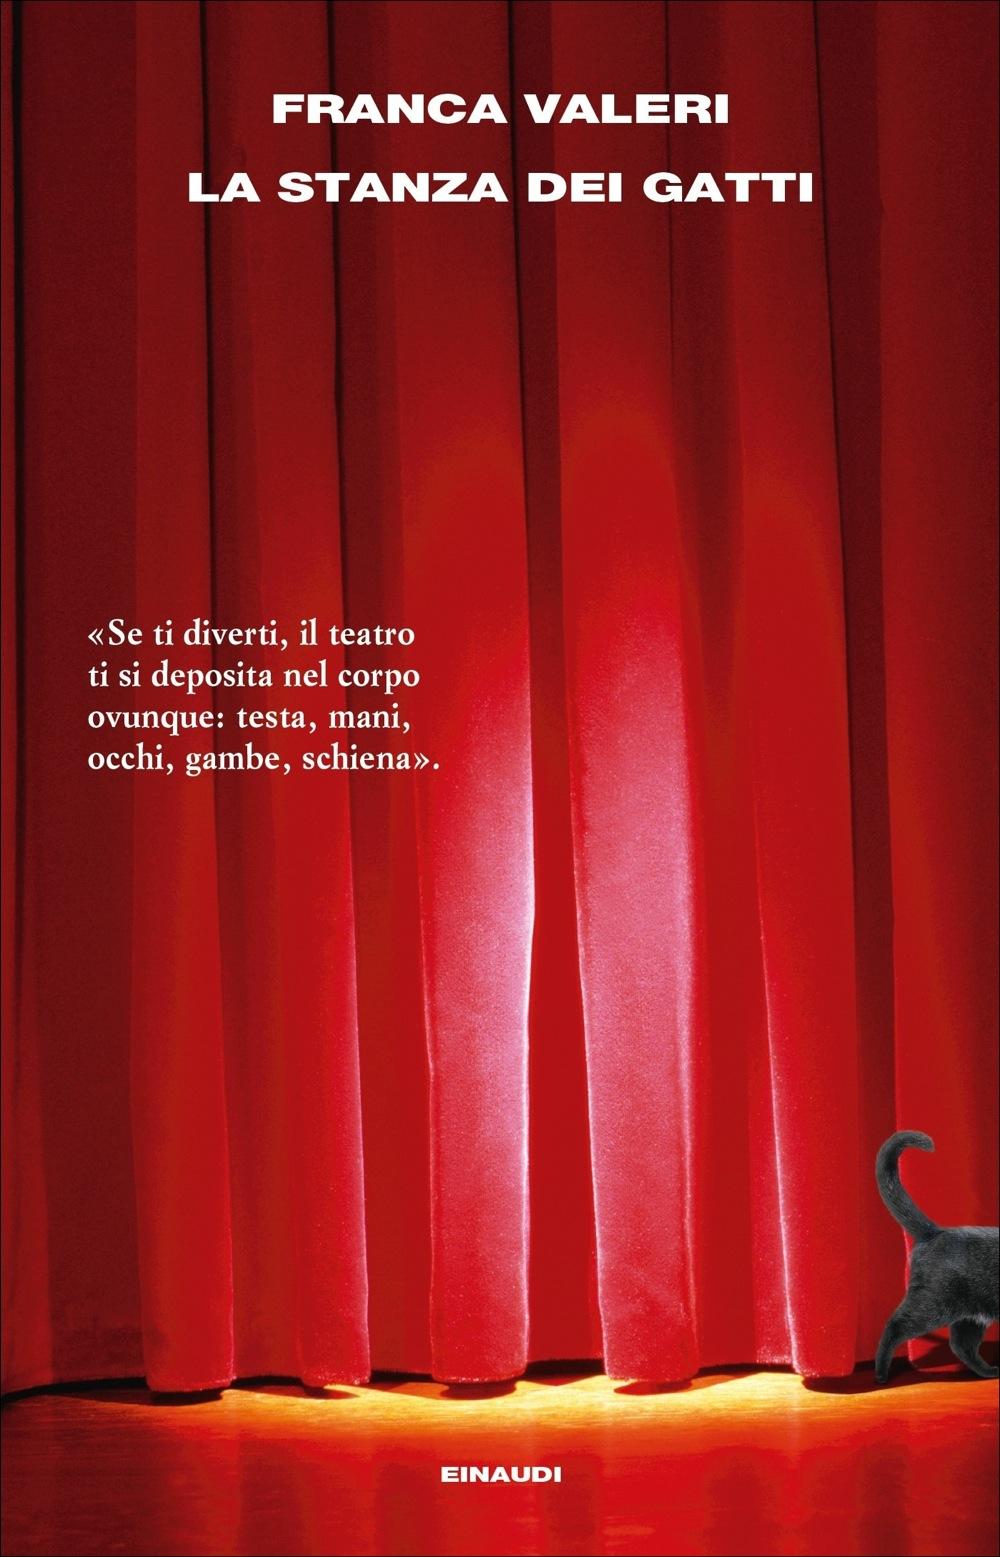 La stanza dei gatti, Franca Valeri. Giulio Einaudi Editore ...